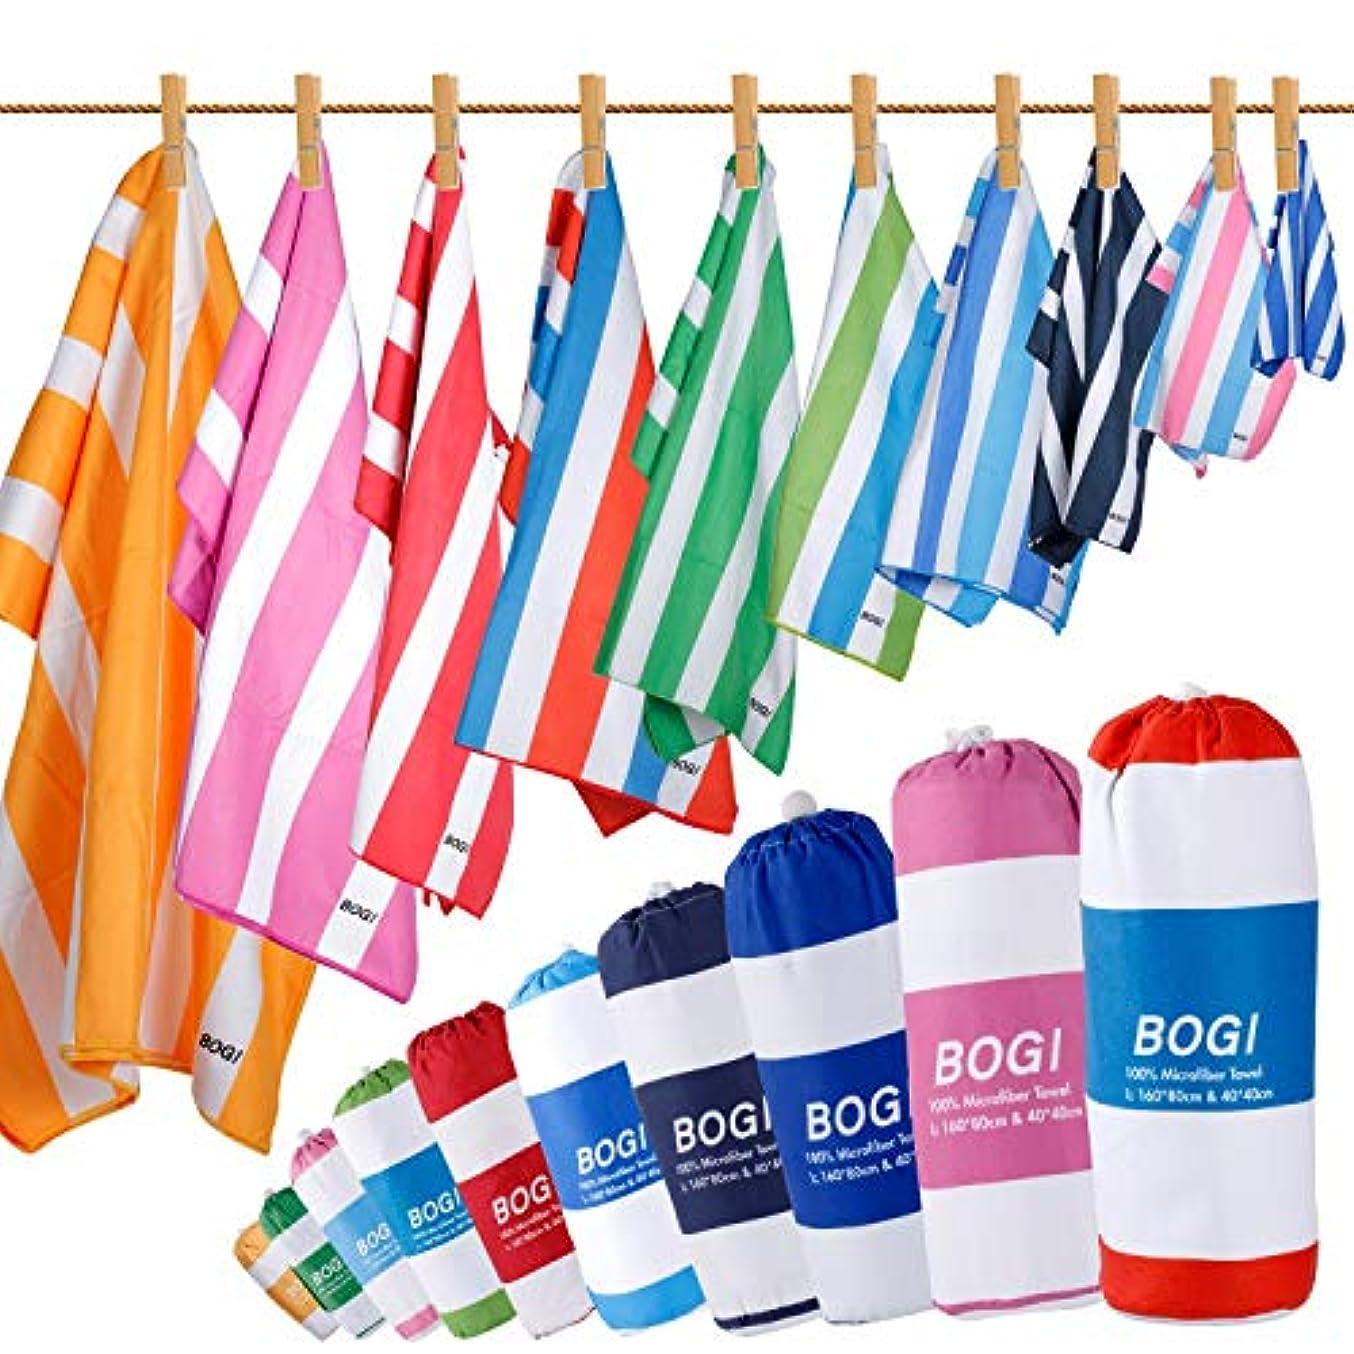 楽なキモい変成器BOGI Microfiber Sports&Travel Towel-Large:63''x31.5''with Hand/Face Towel for Travel Bath Beach Swim Camping Gym Yoga,Dry Fast Absorbent Soft Lightweight-Pouch+Carabiner(XL:Orange) [並行輸入品]